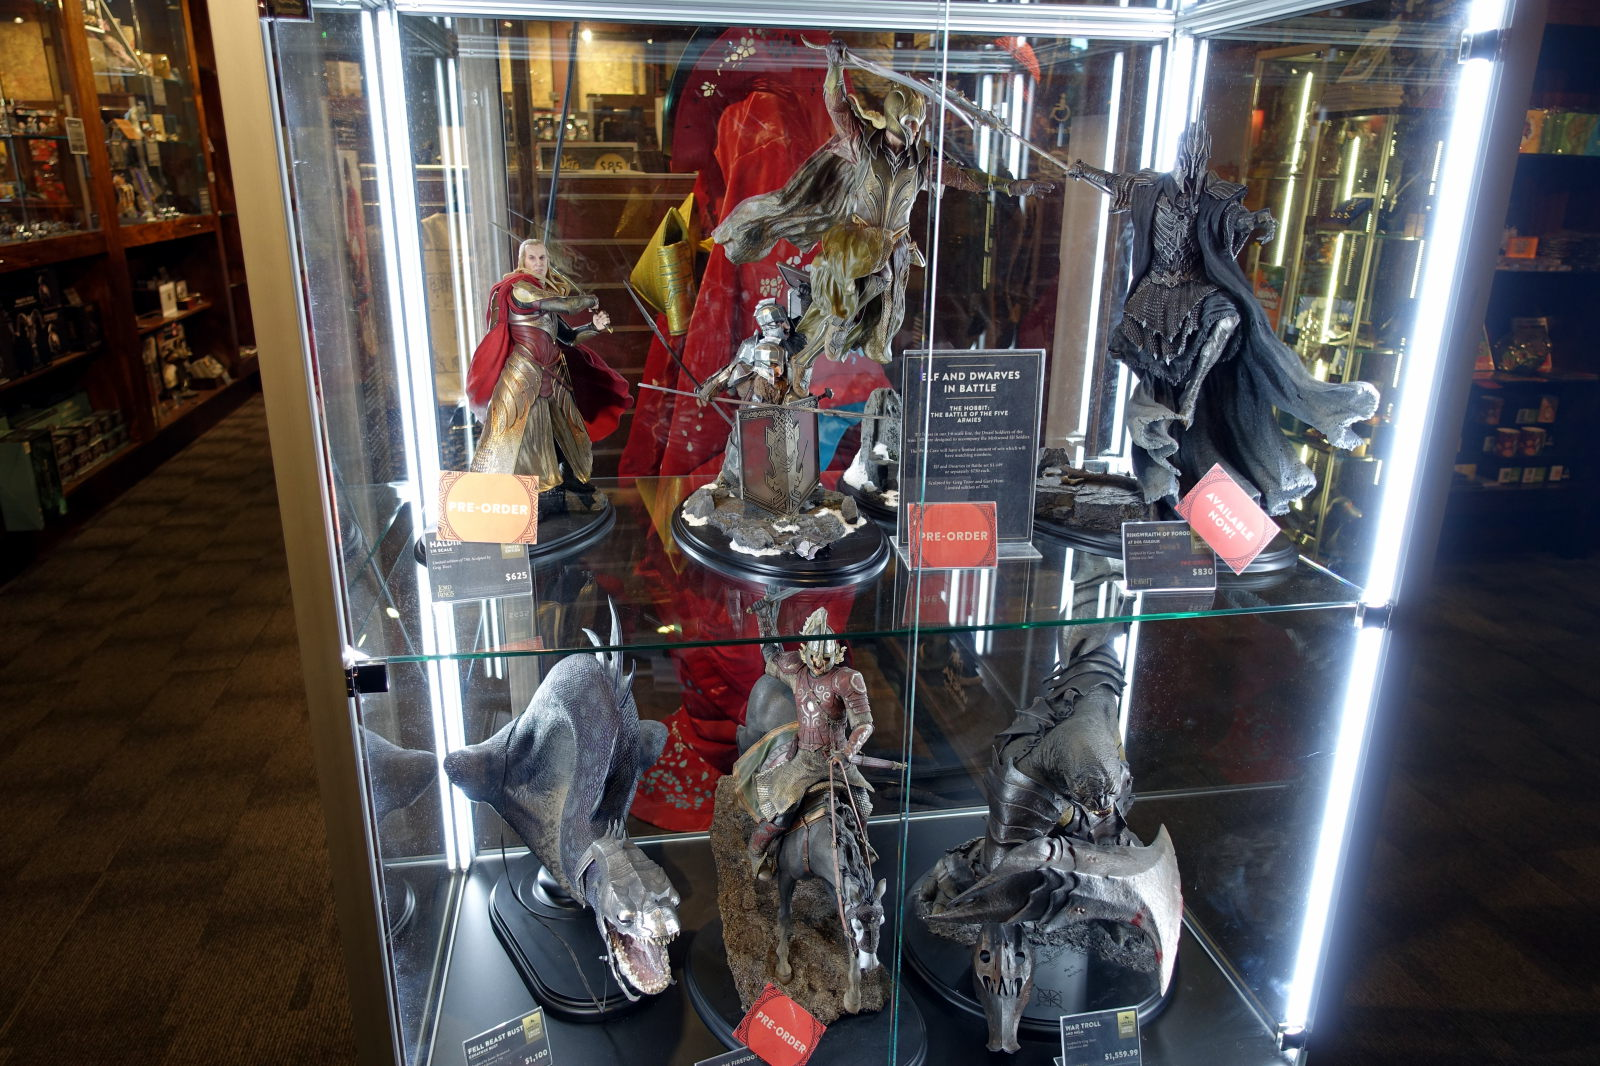 Six LOTR/The Hobbit figures in display case.